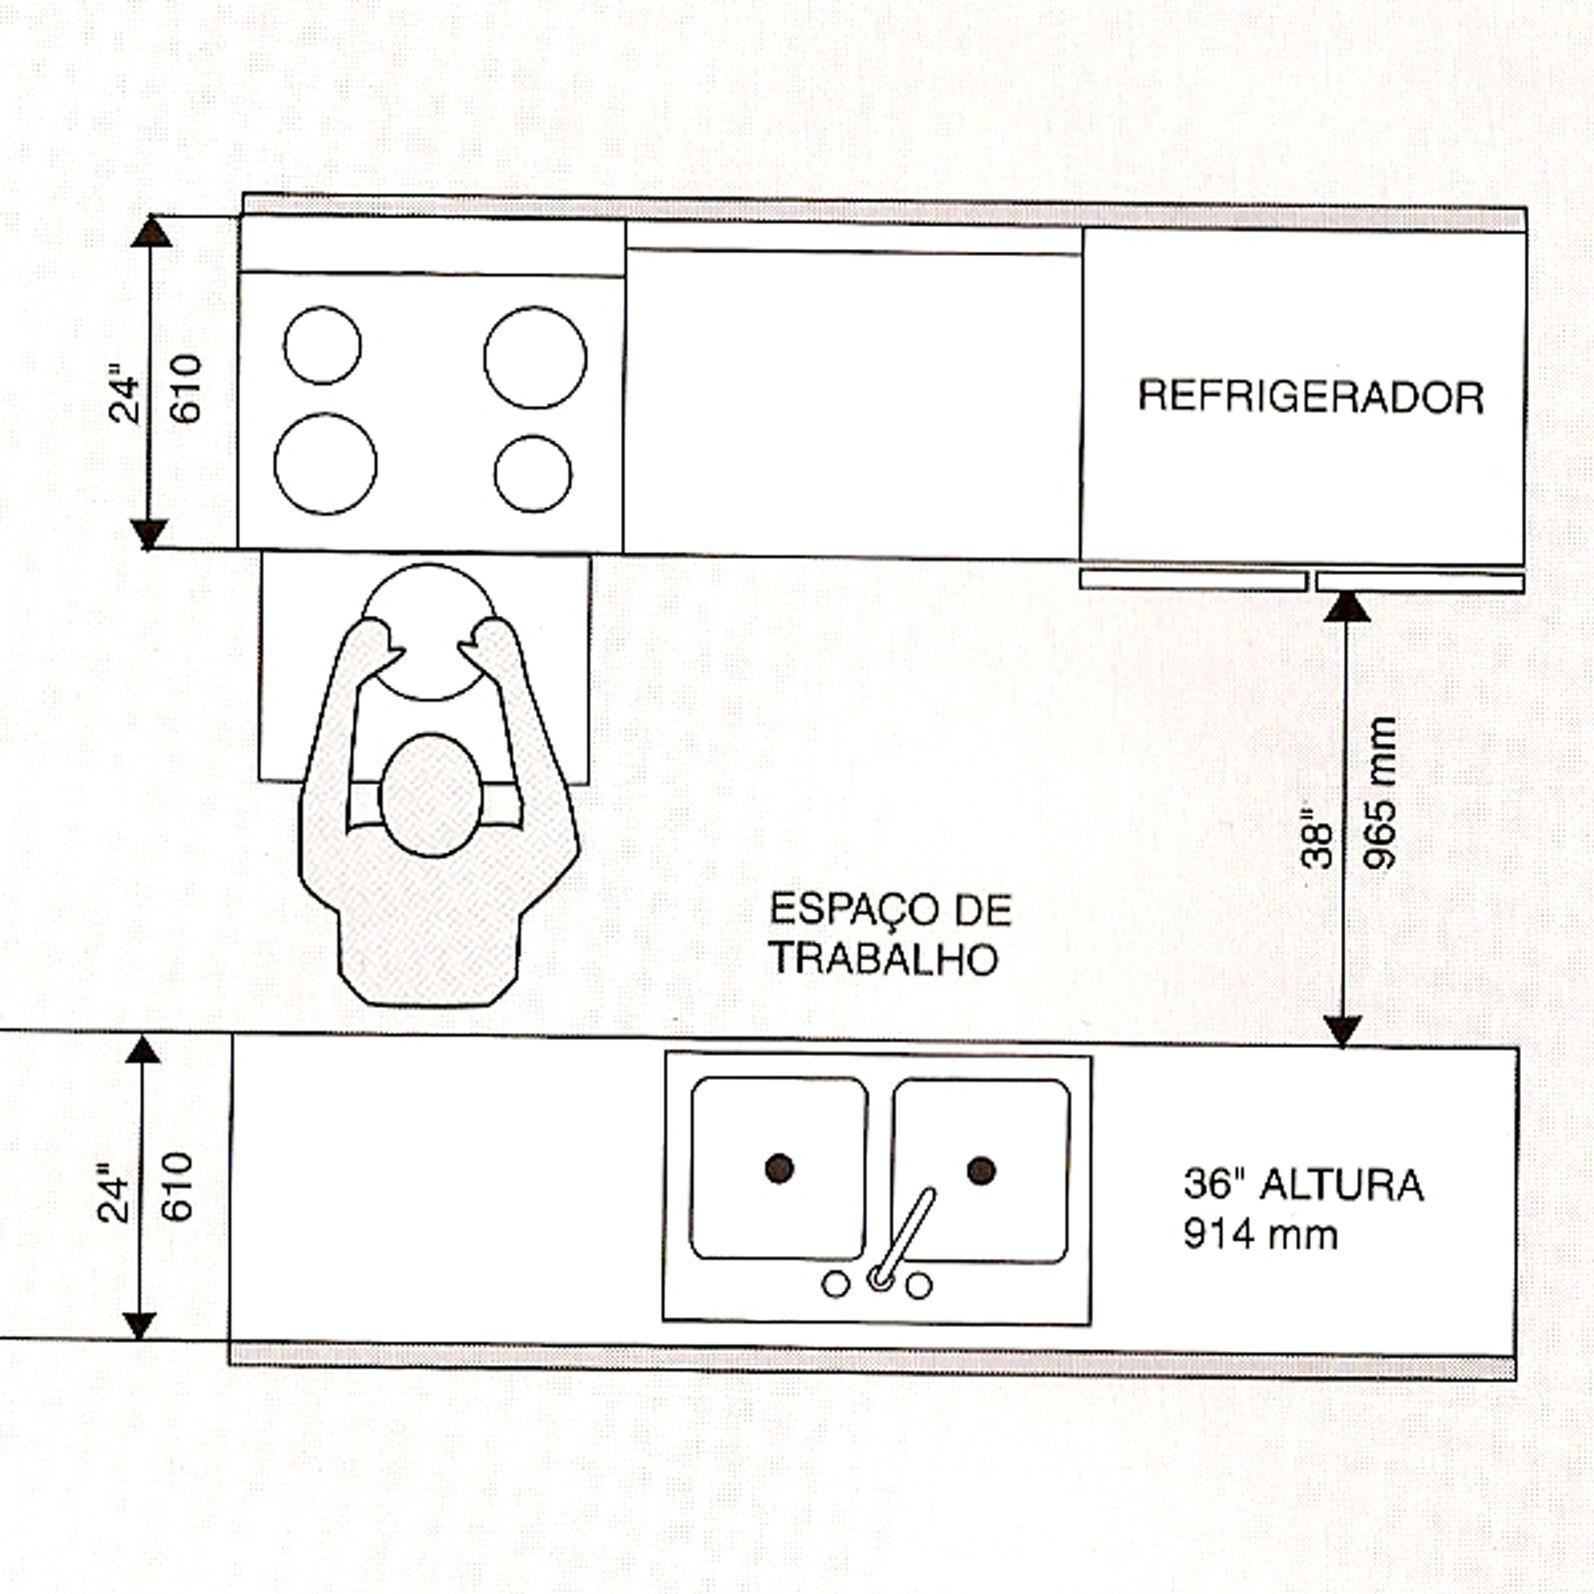 Interiores Cozinhas Dimensionamento E Fluxo De Trabalho Em